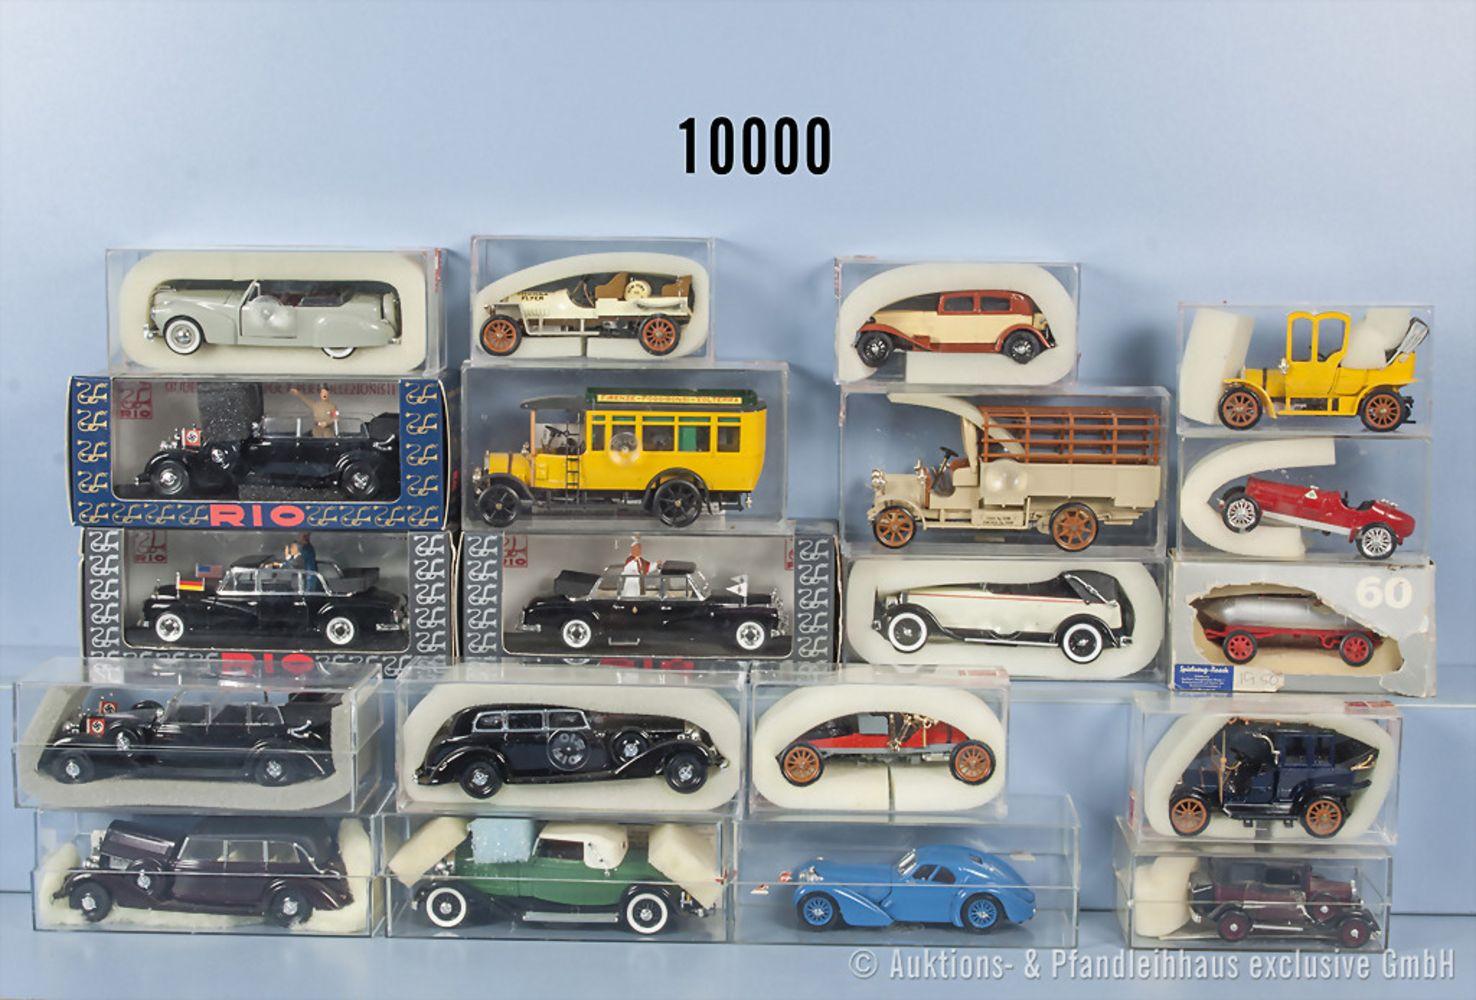 130. Wormser Spielzeug Auktion